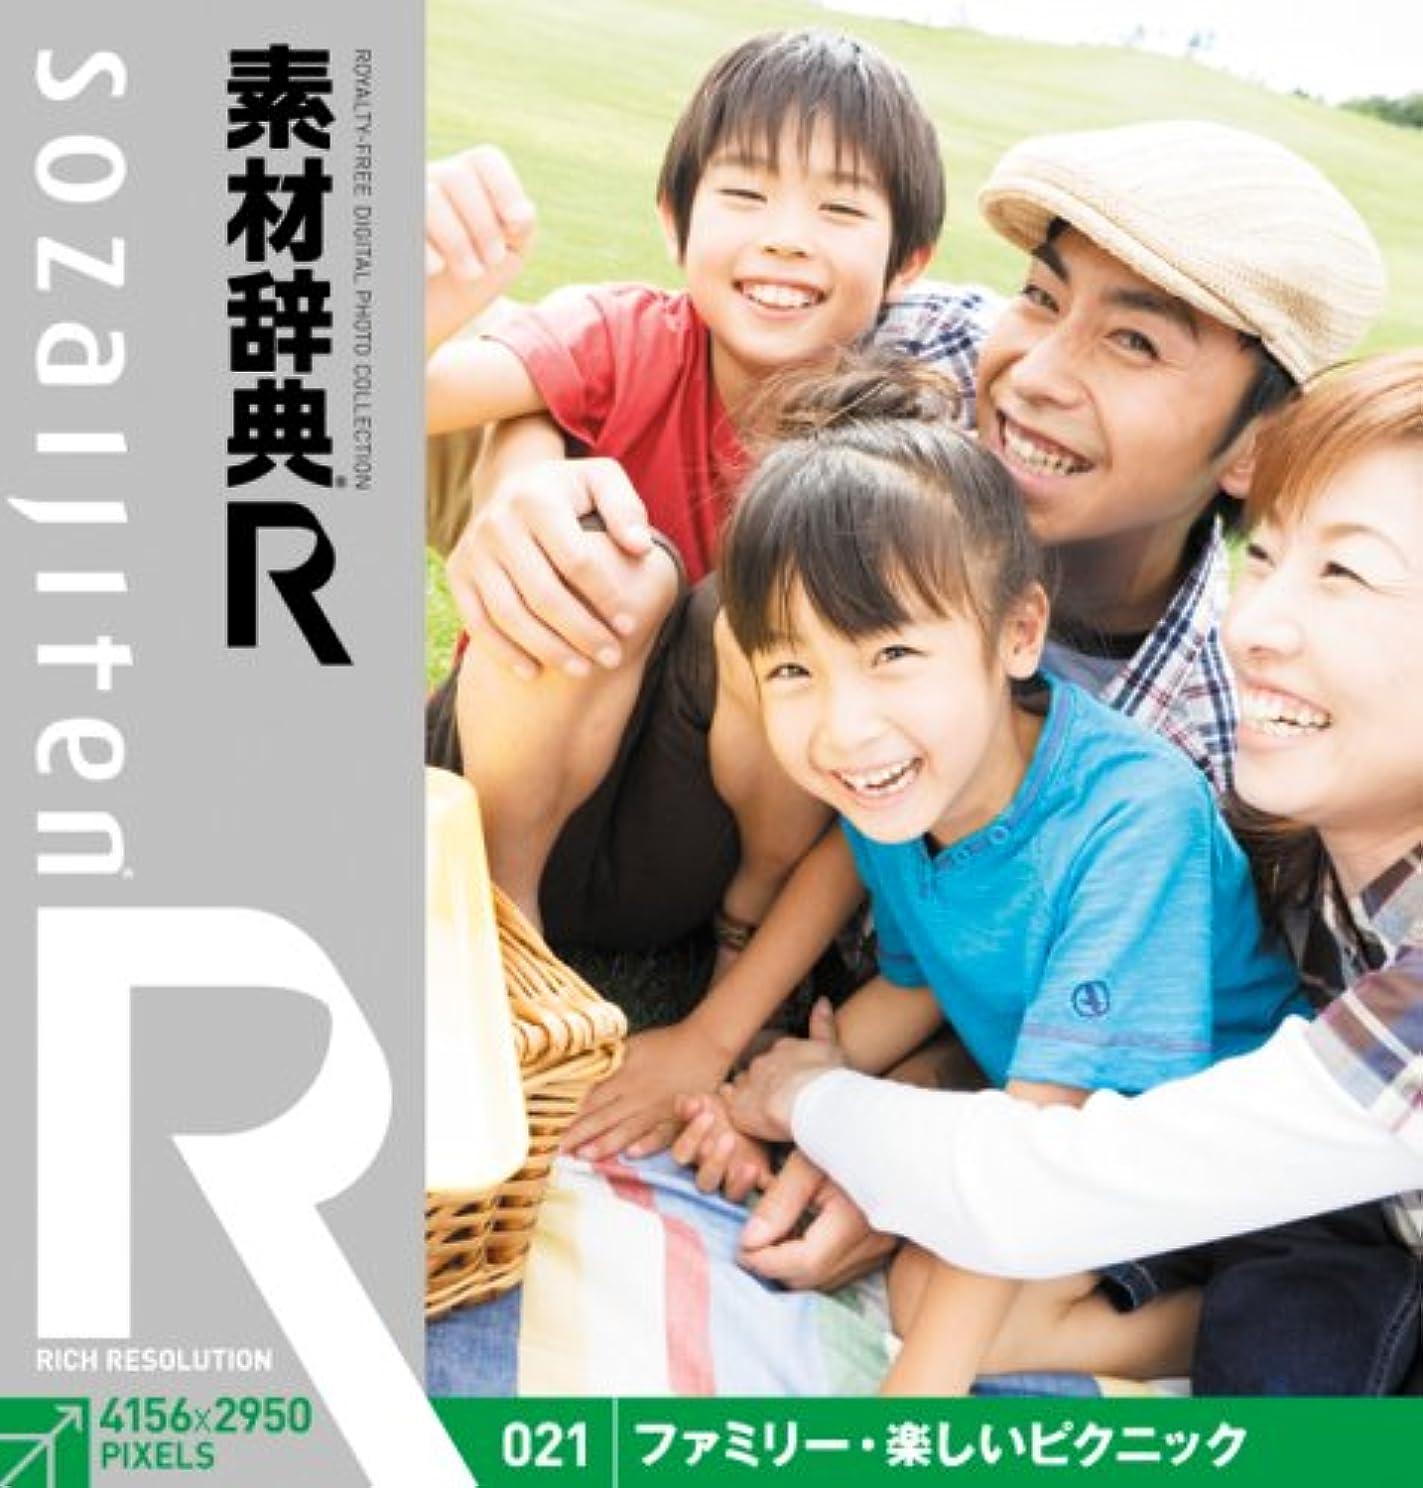 もっともらしい間隔援助素材辞典[R(アール)] 021 ファミリー?楽しいピクニック